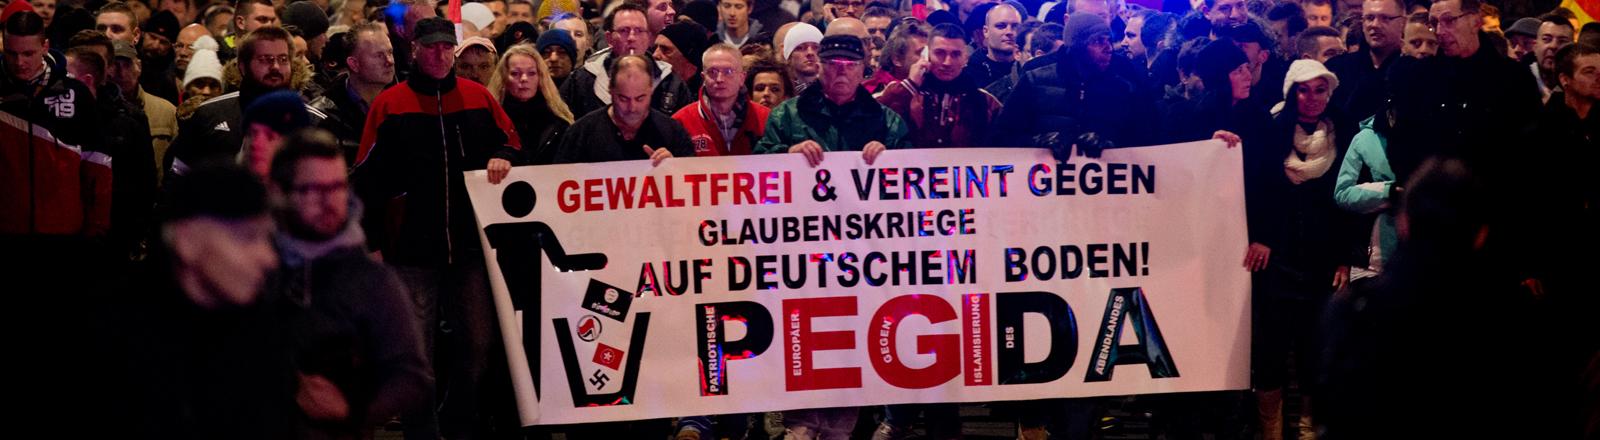 Teilnehmer einer Kundgebung der Pegida beteiligen sich am 15.12.2014 an einer Kundgebung in Dresden (Sachsen).